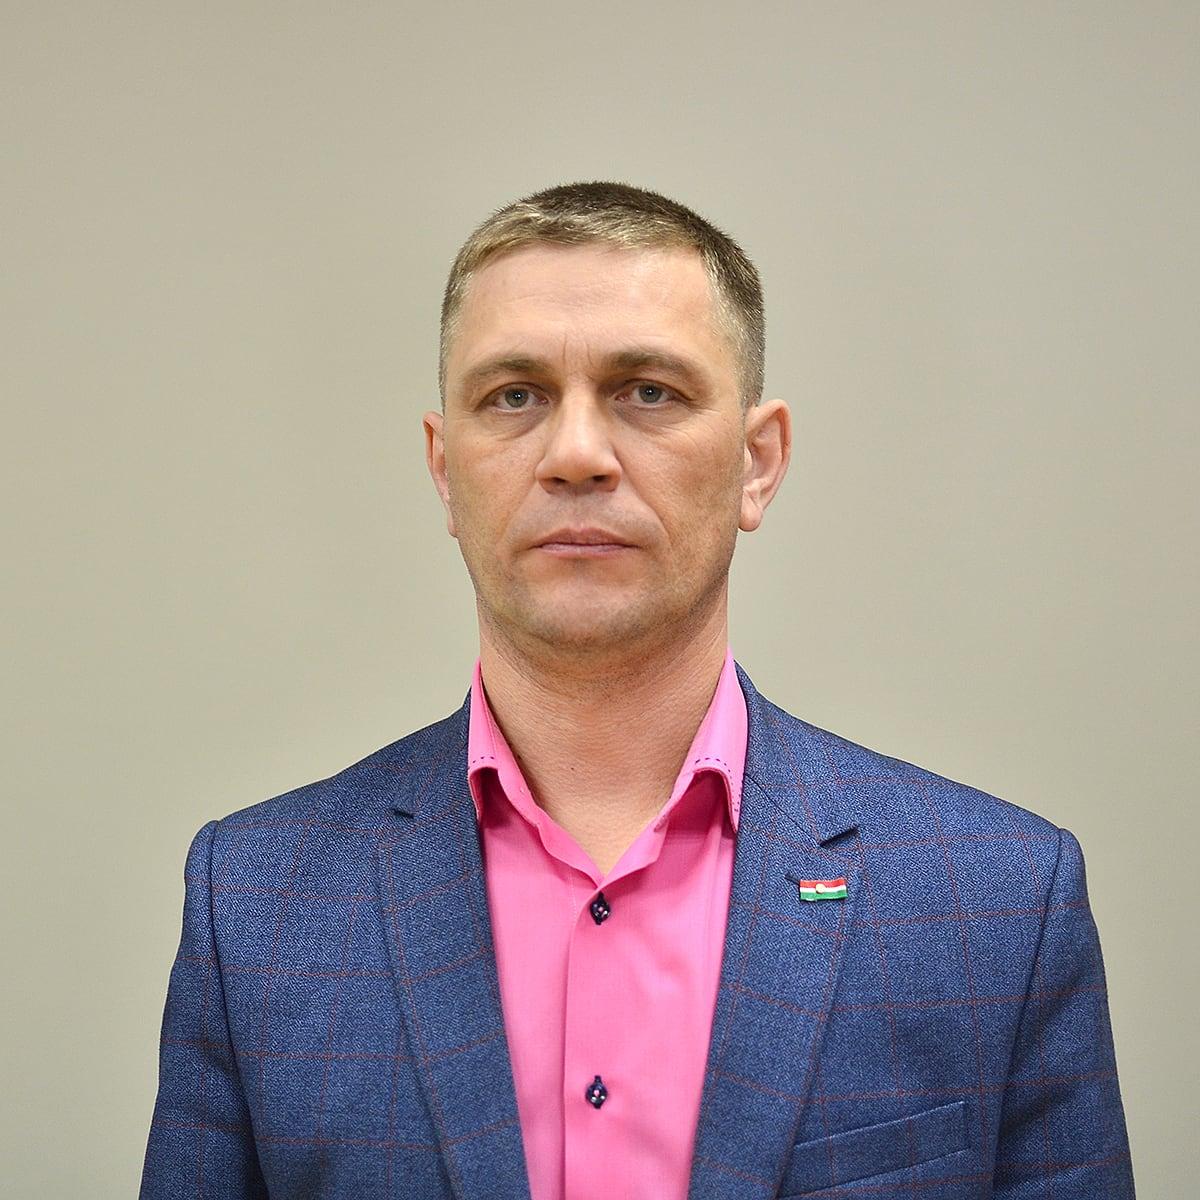 Борисов Александр Дмитриевич